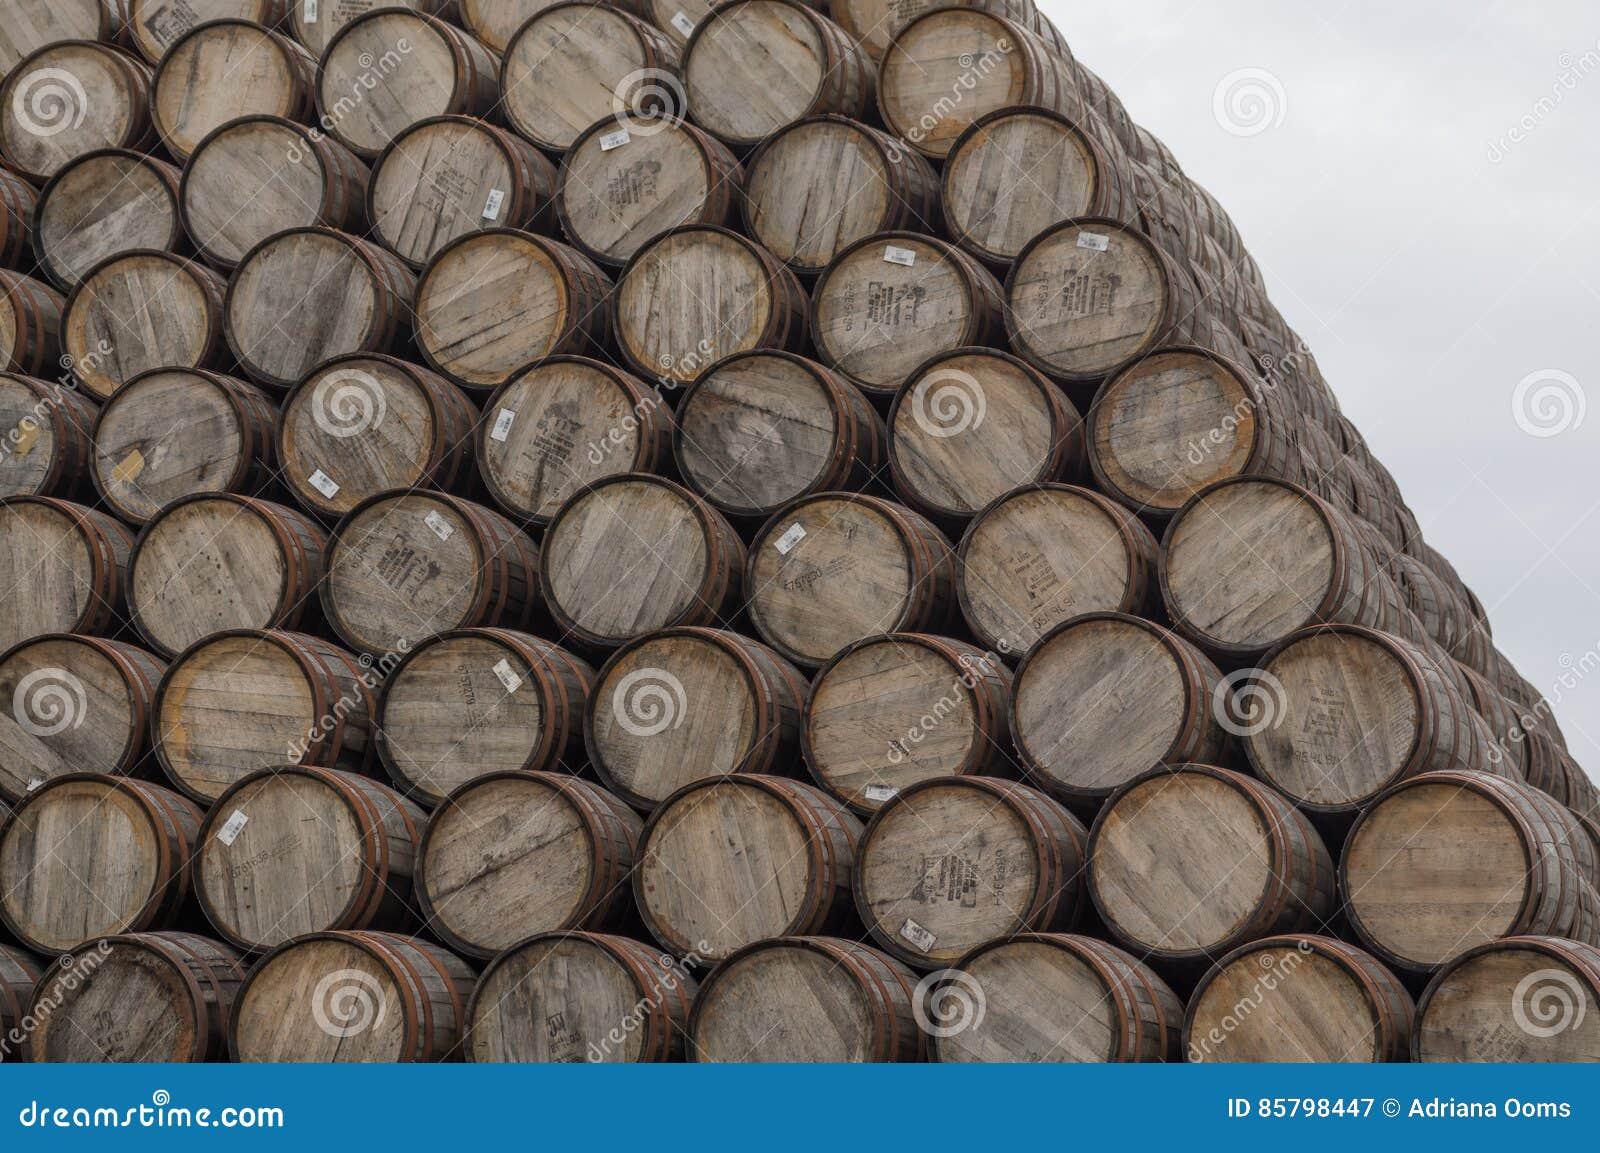 大堆威士忌酒桶